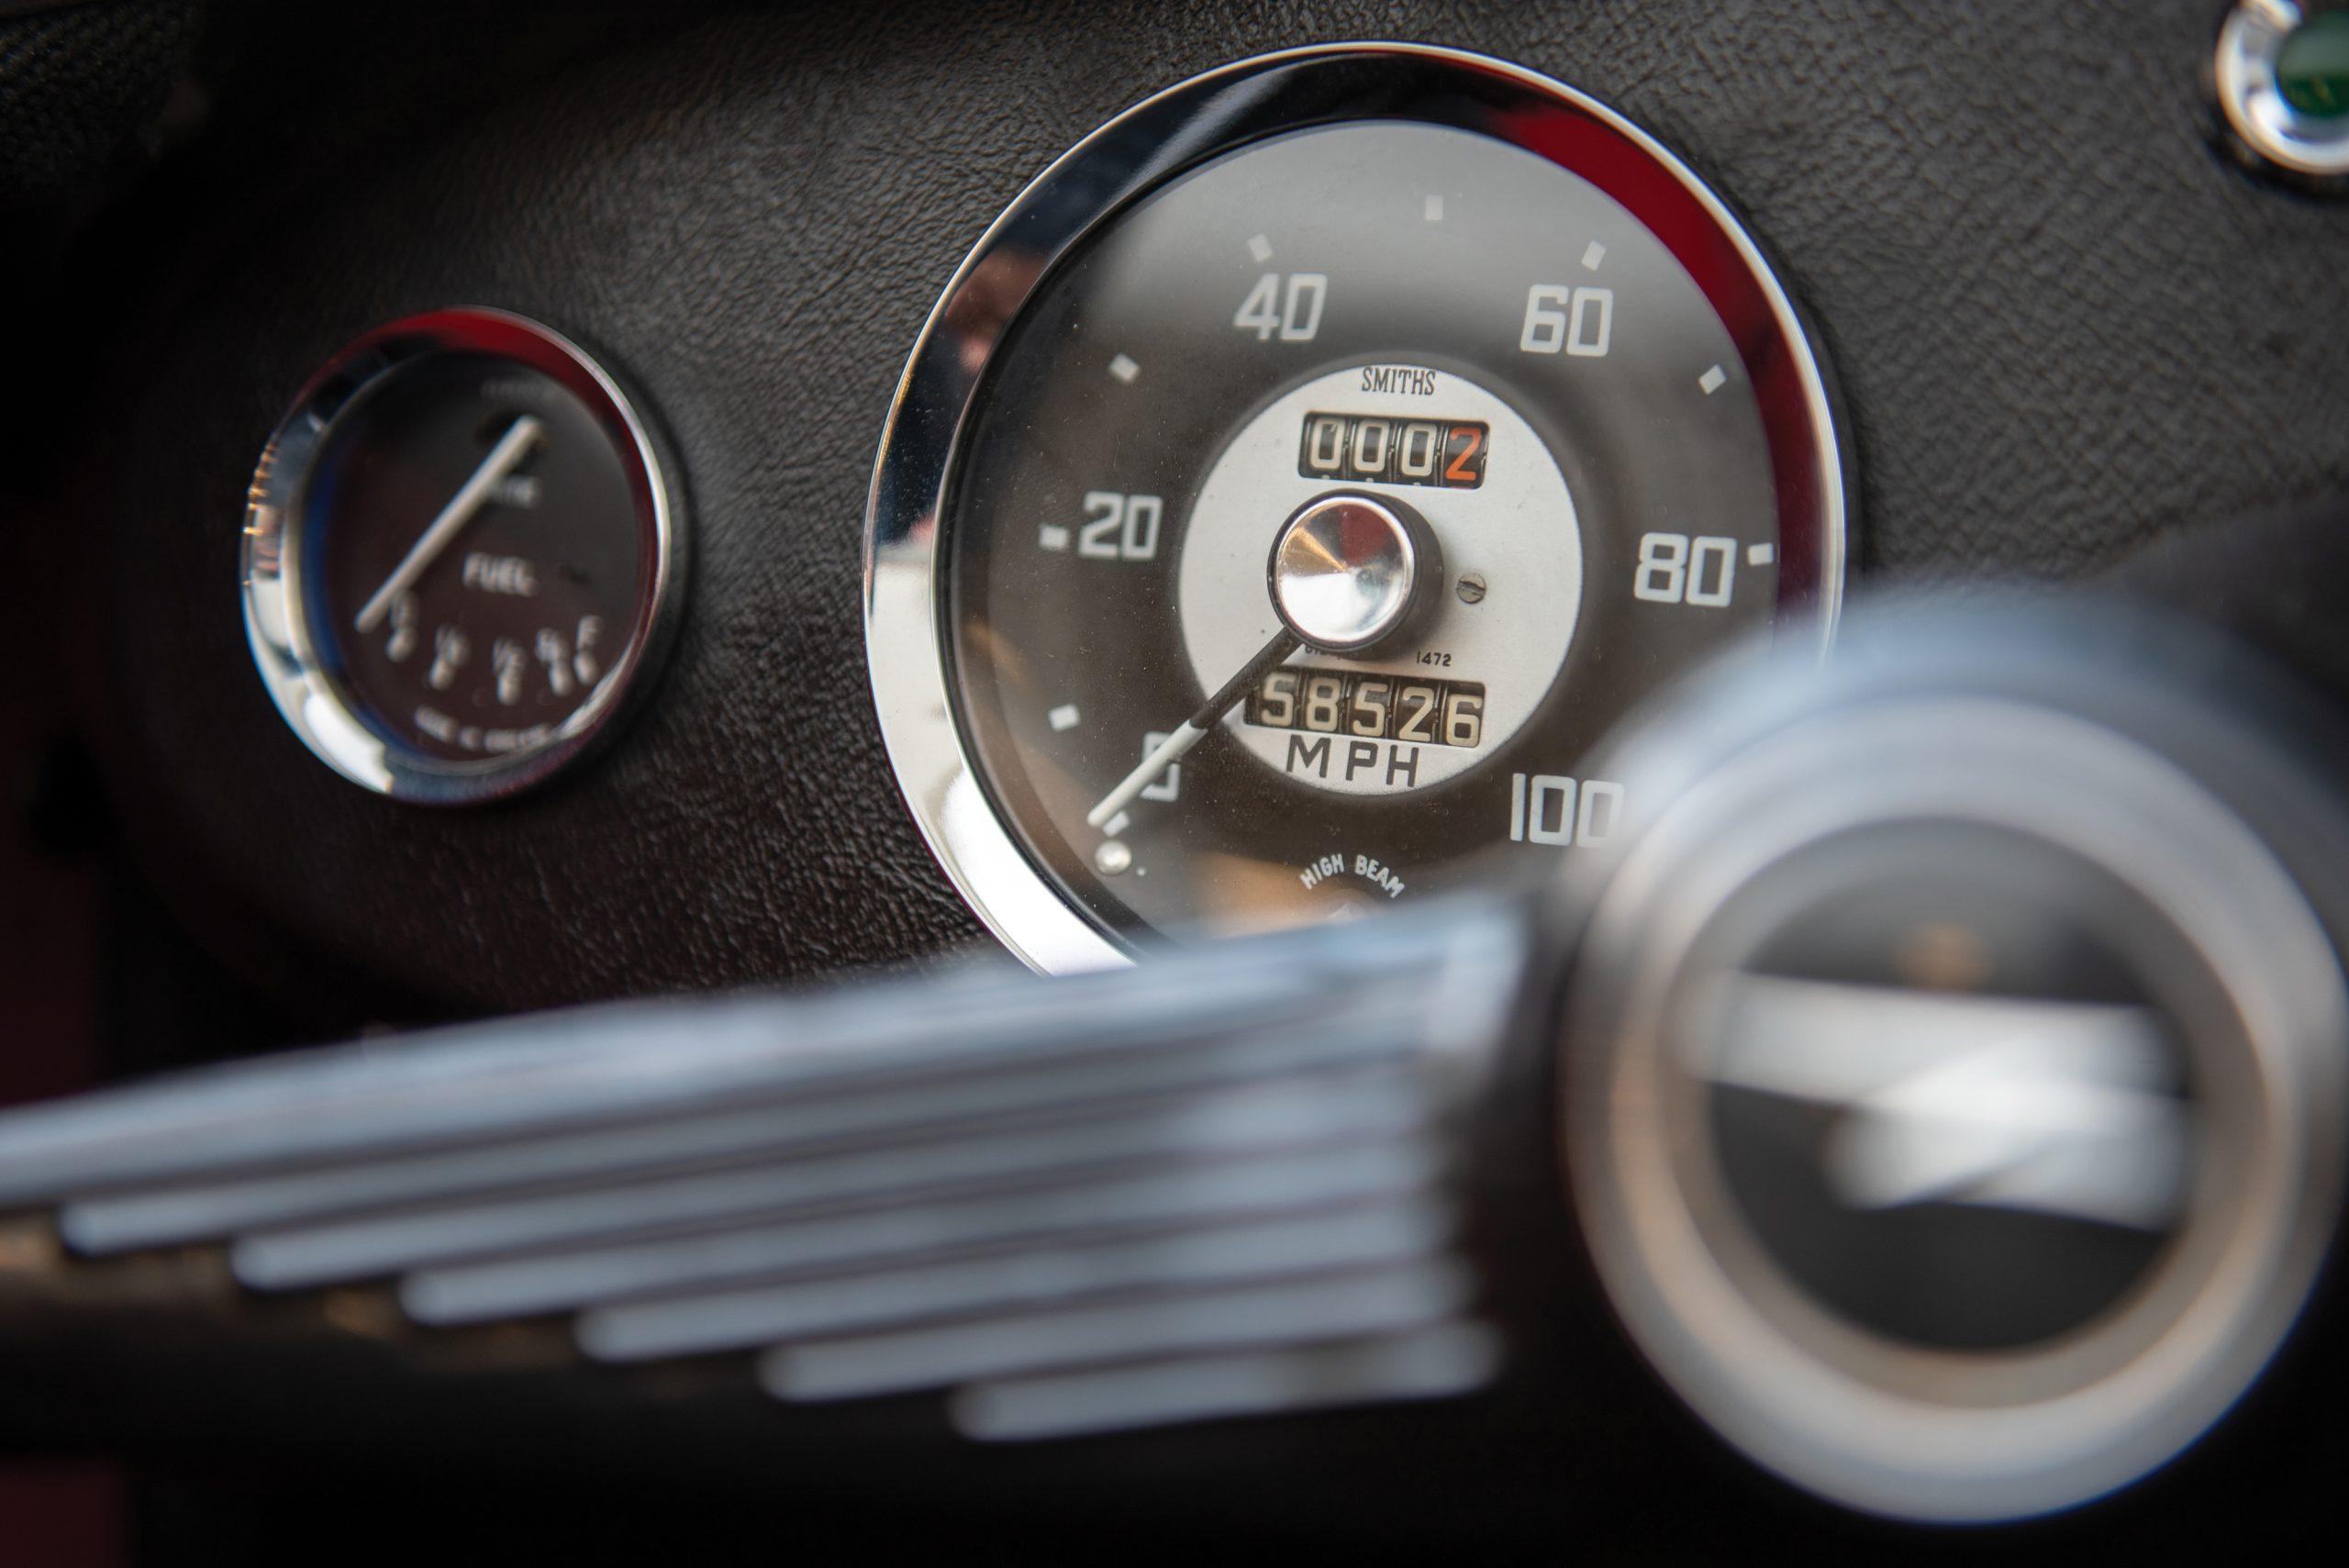 1959 Austin Healey Sprite Bugeye speedometer